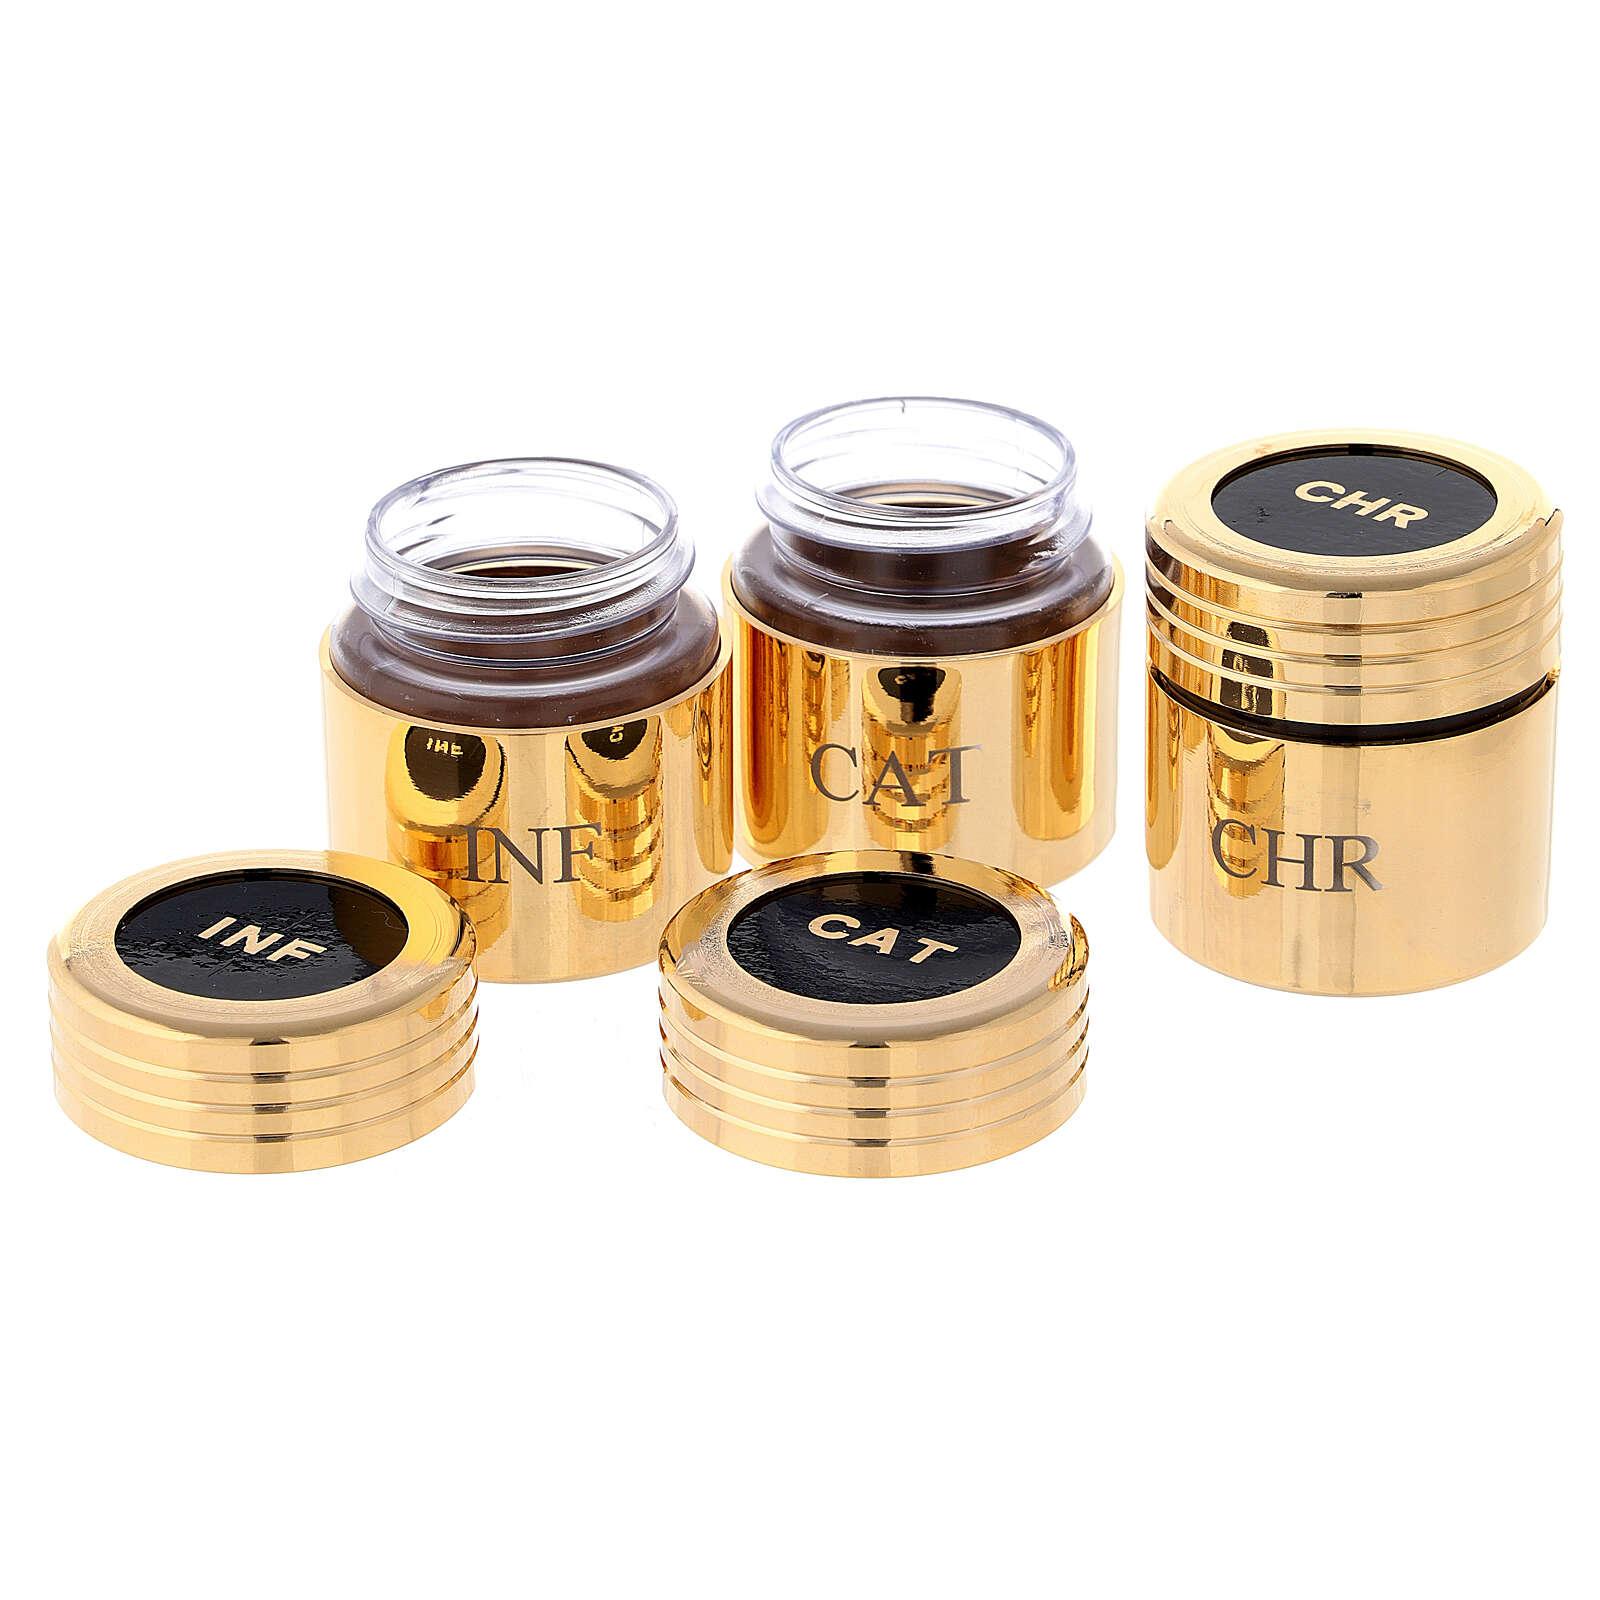 Heilige Öle Etui mit goldenen Gläschen 3